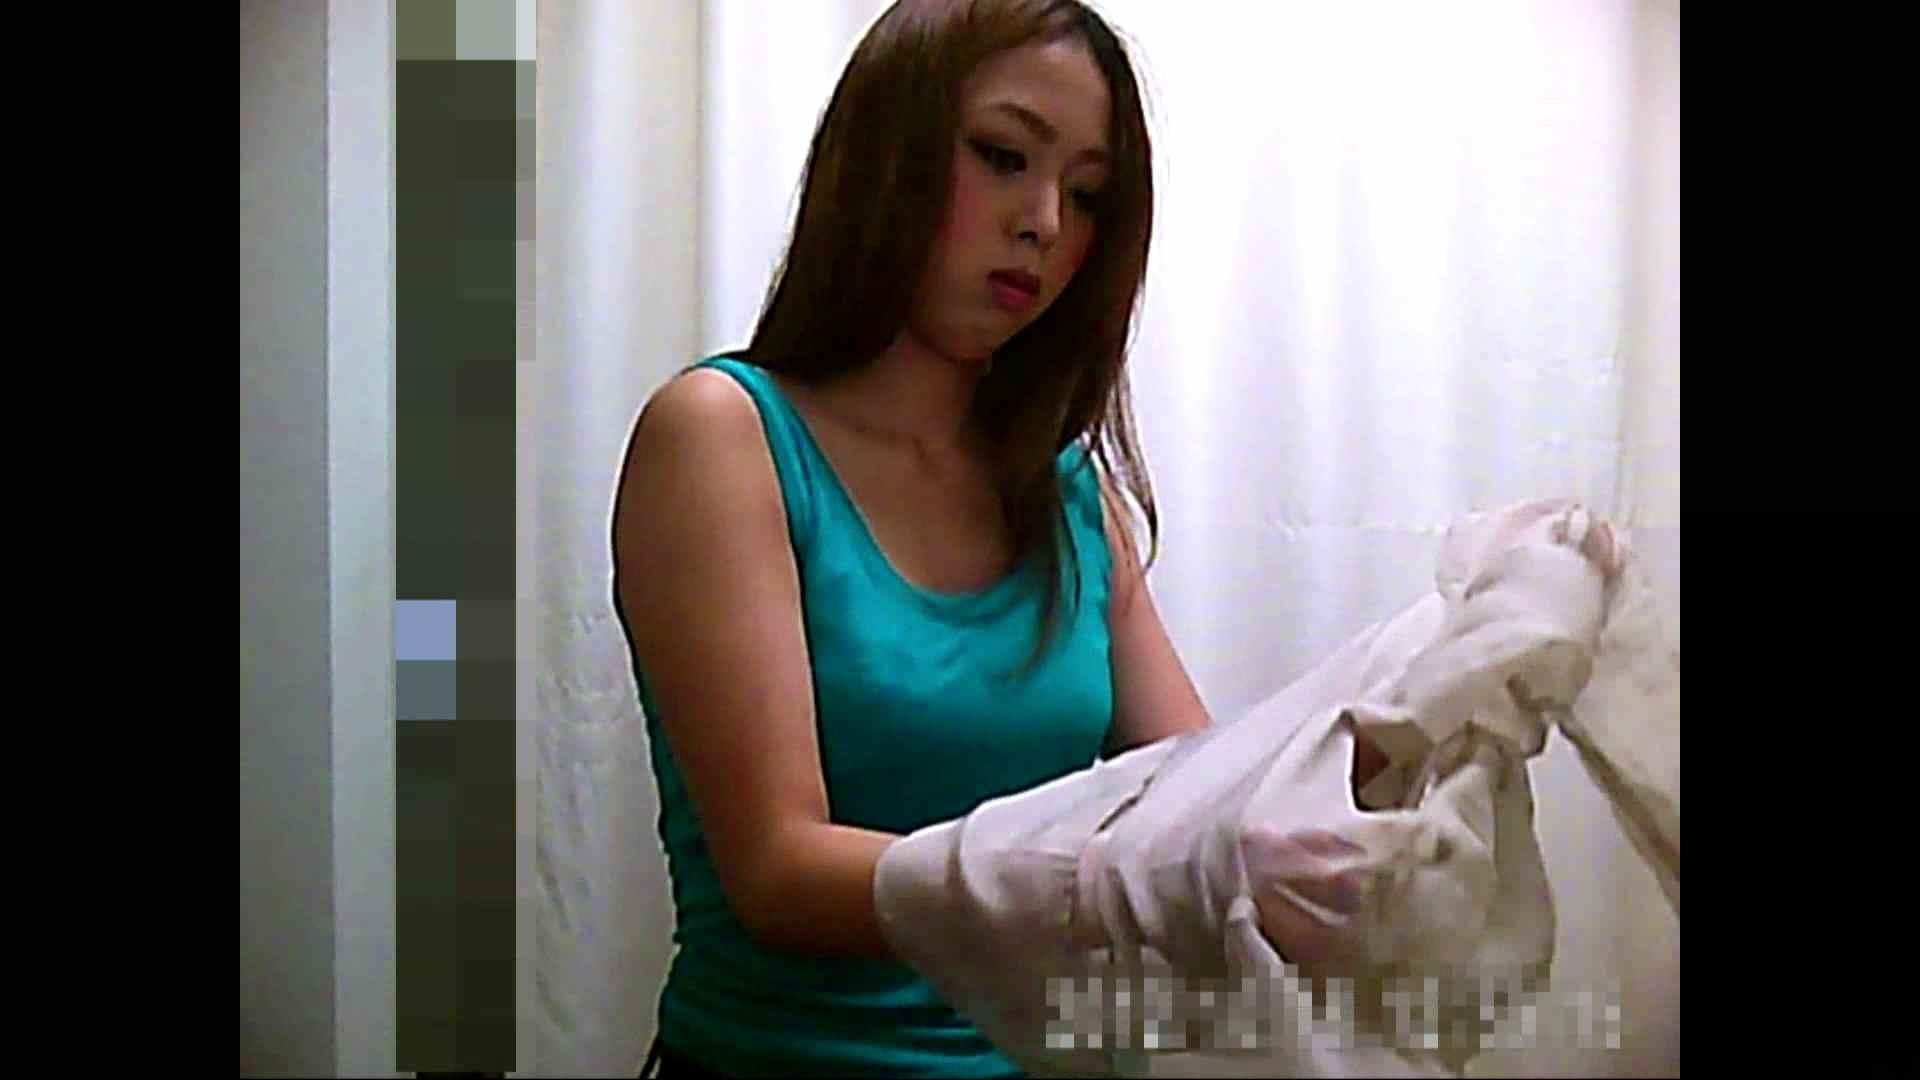 病院おもいっきり着替え! vol.243 おっぱい 隠し撮りセックス画像 86画像 11